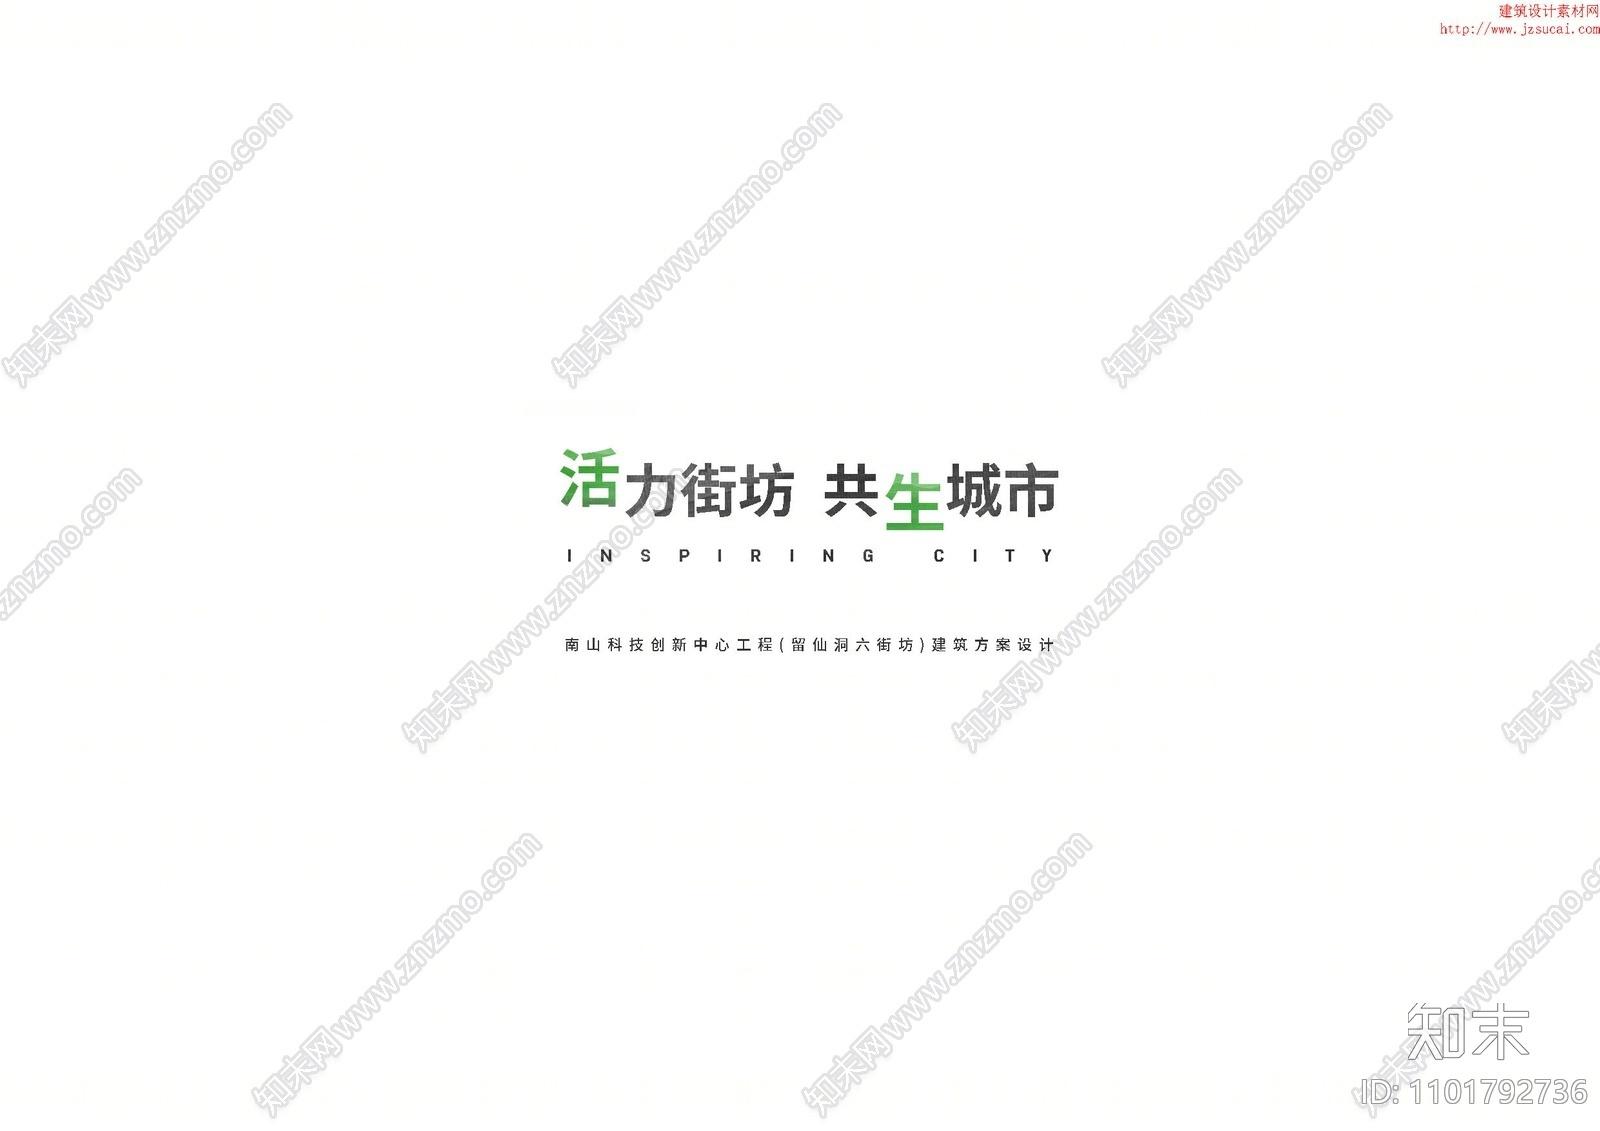 TOD深圳南山科技创新中心方案文本下载【ID:1101792736】